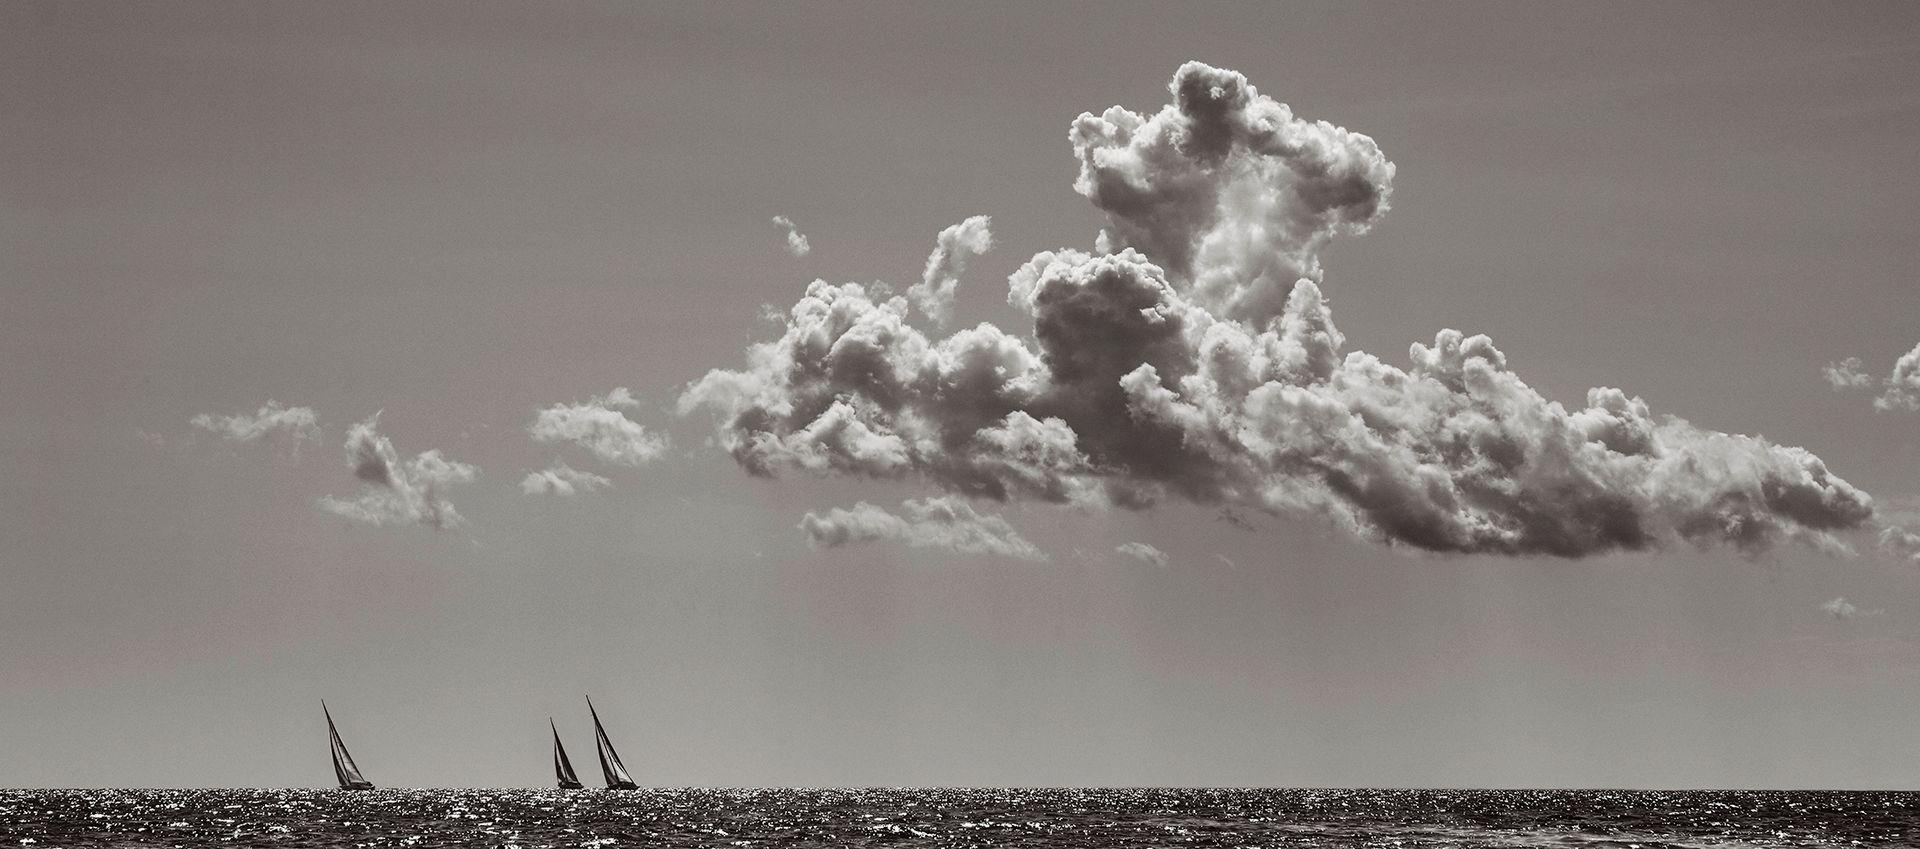 Sail-Majesty-at-Sea-Drew-Doggett-At-Sea.jpg